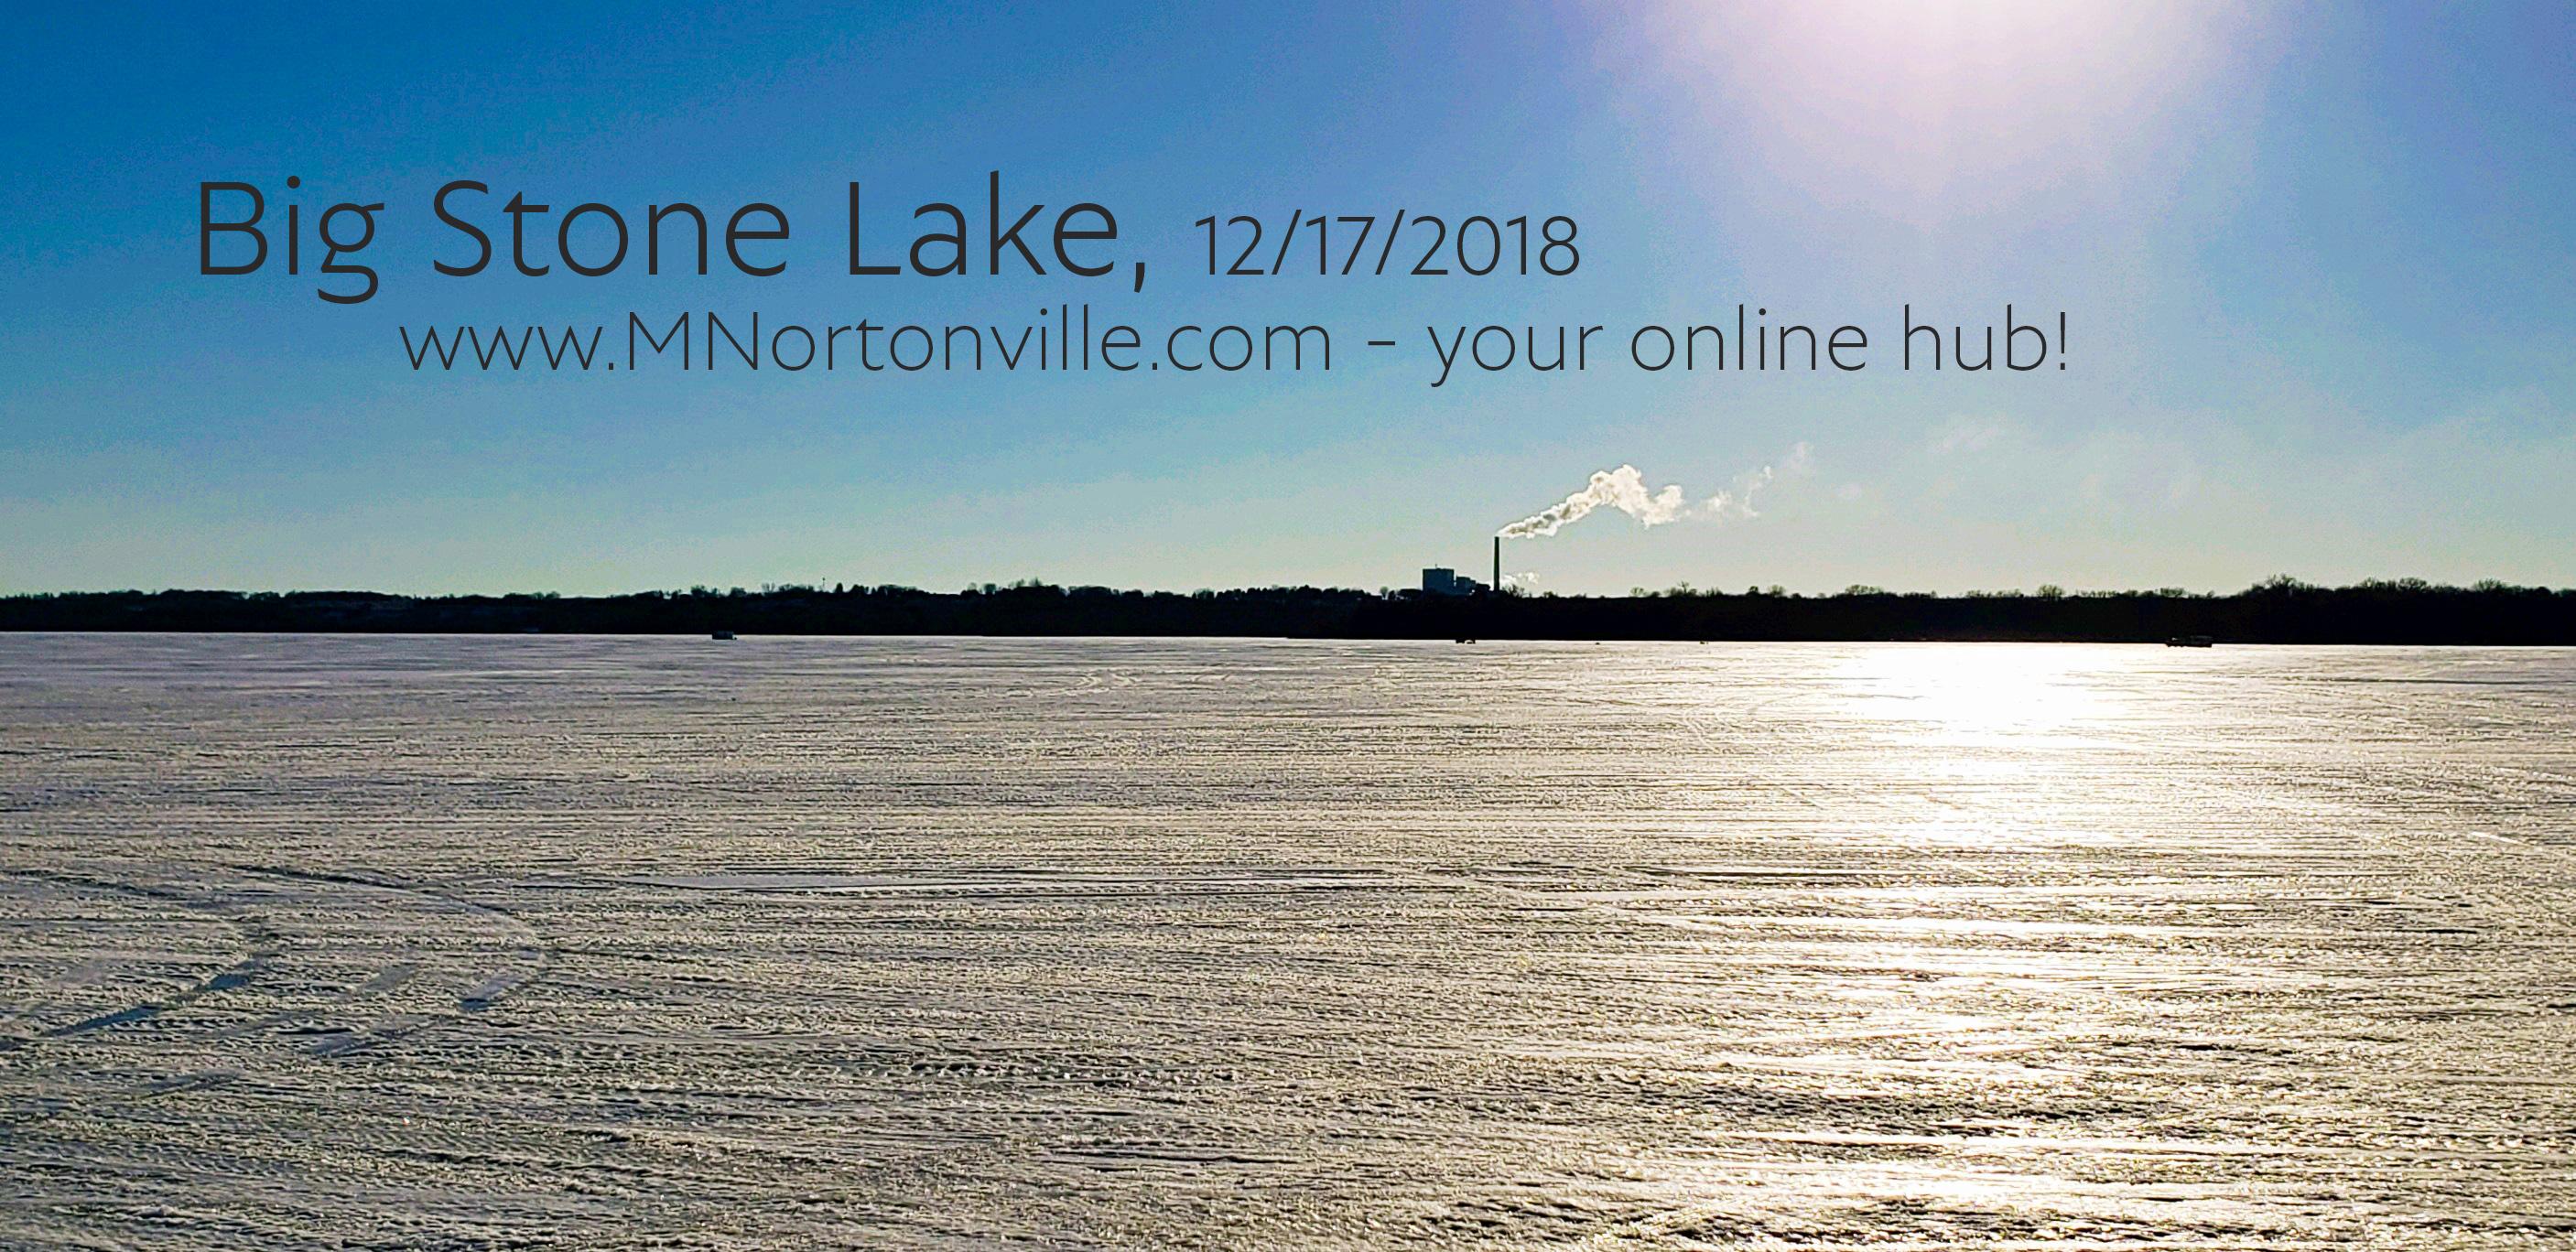 Fishing & Big Stone Lake December 2018